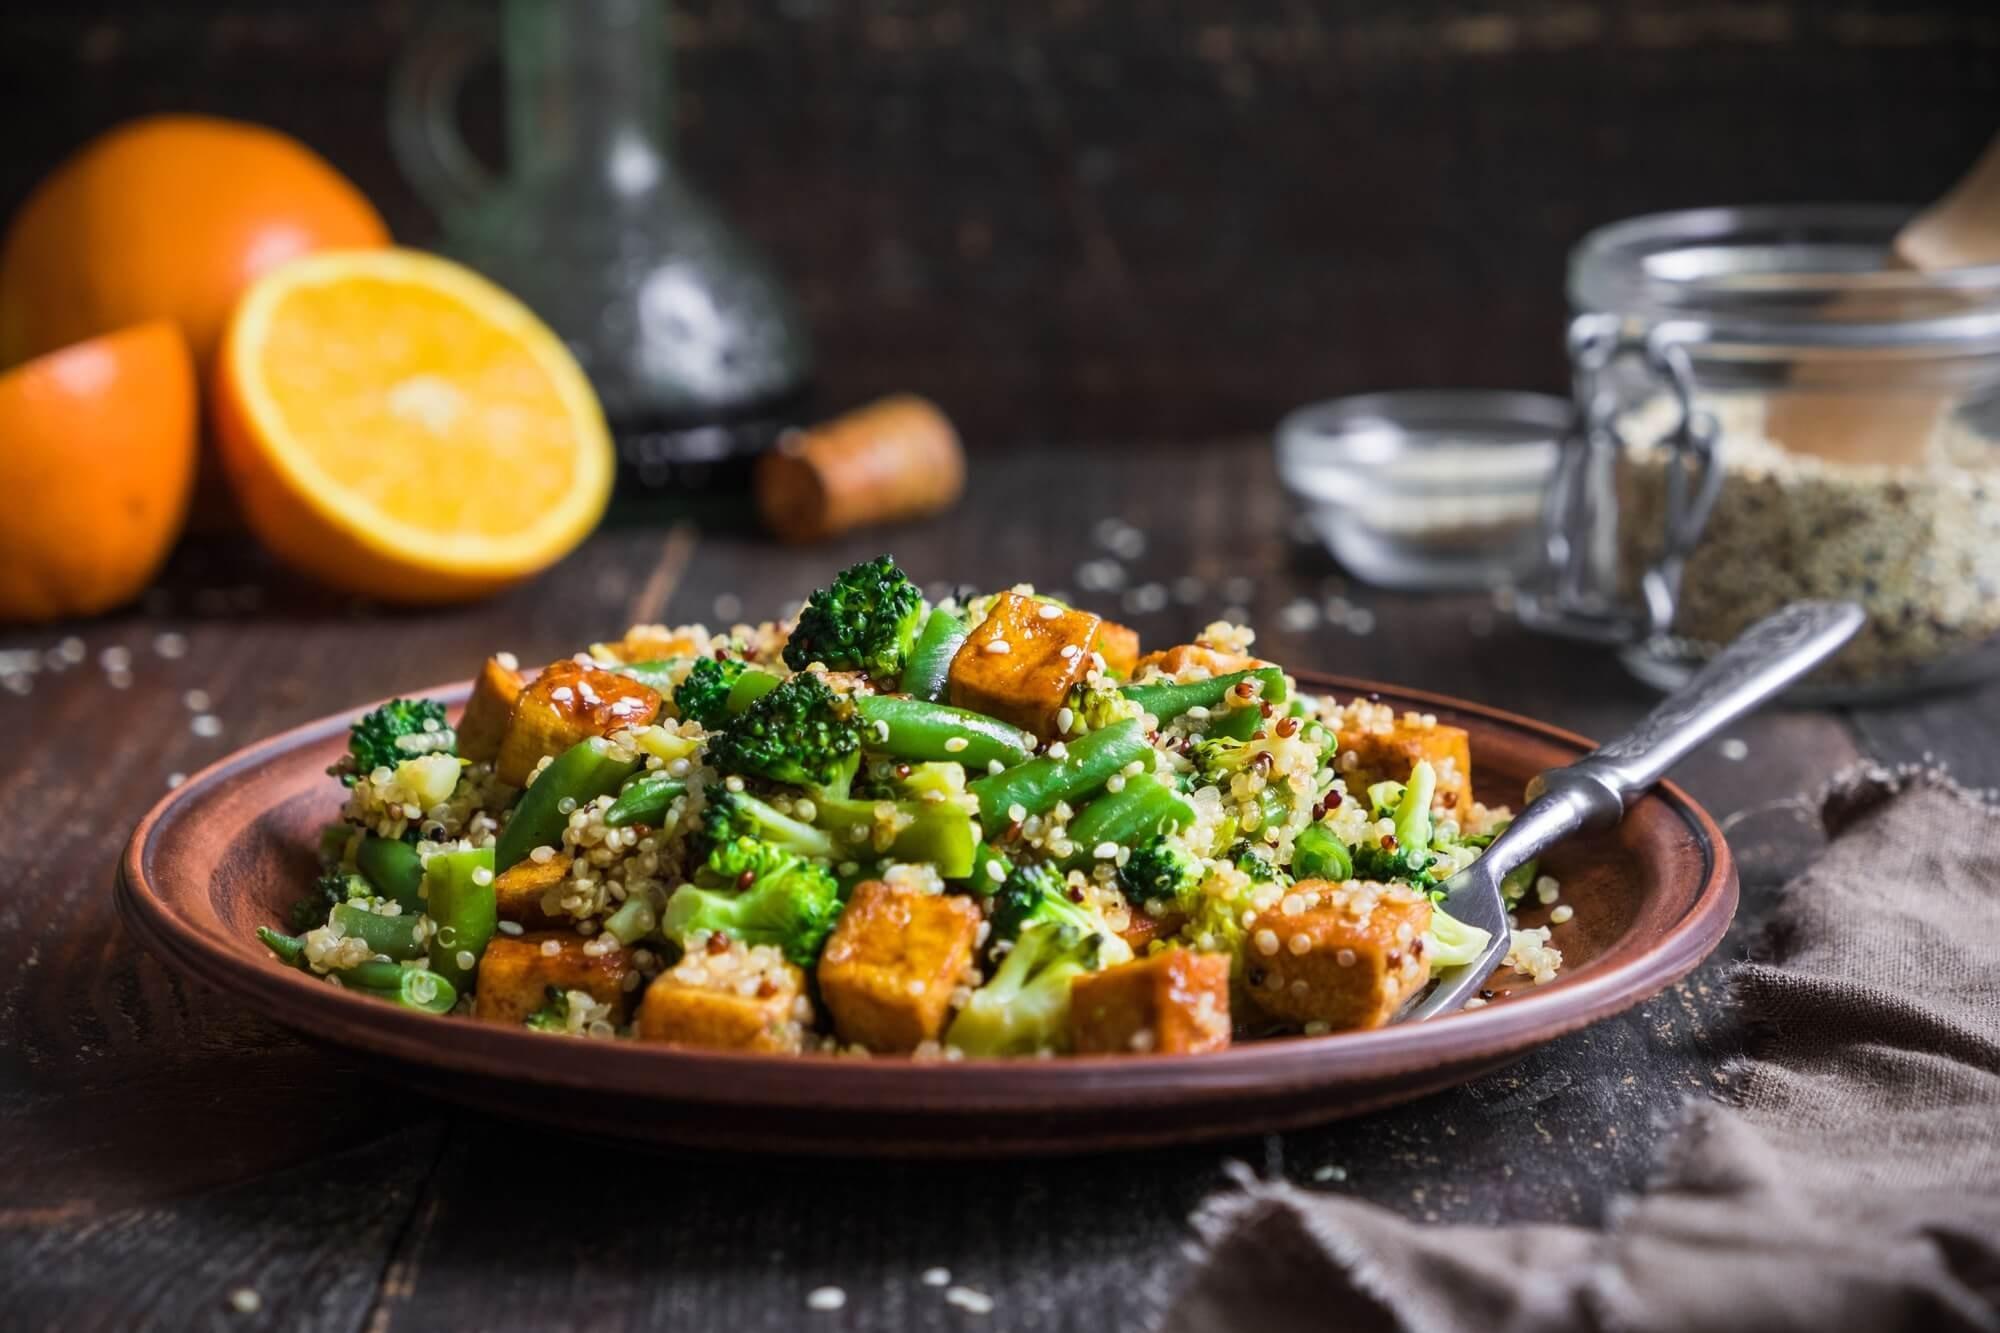 Salade De Tofu Avec Une Sauce Aux Amandes Et Des Graines De Chanvre